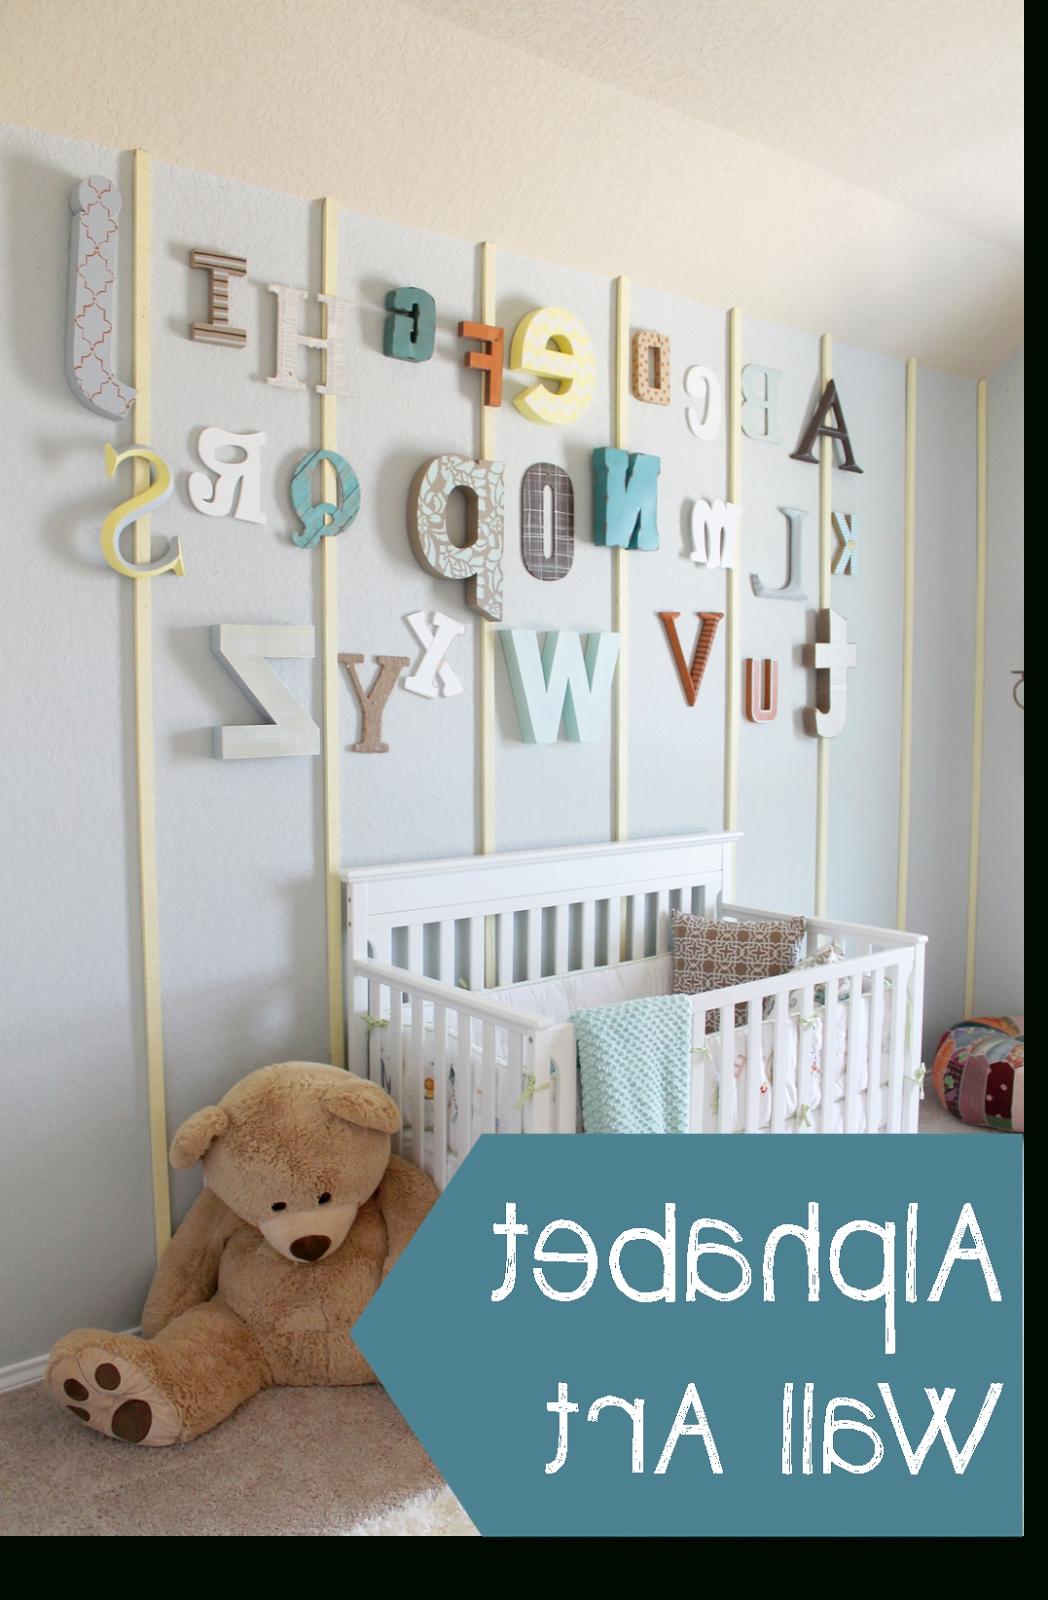 2017 44 Alphabet Wall Art, Startling Alphabet Wall Decor Nursery Wooden Pertaining To Alphabet Wall Art (View 11 of 15)